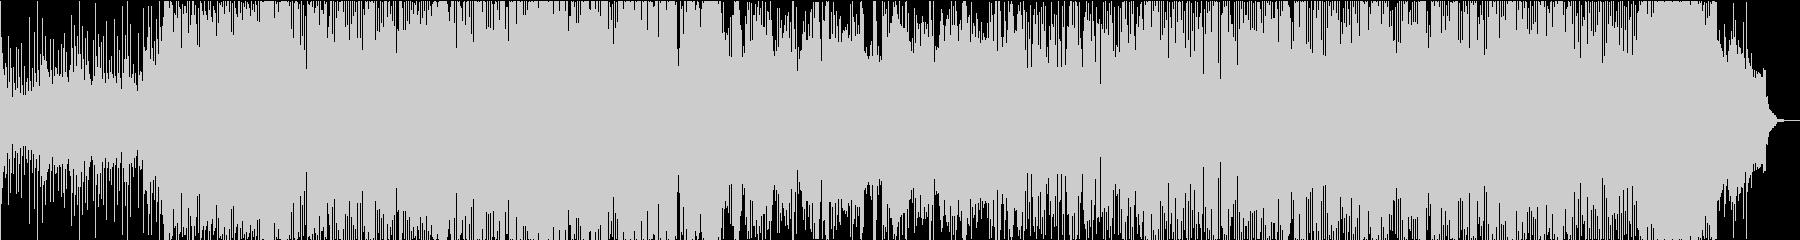 日本 琴 太鼓 和をイメージしたBGMの未再生の波形